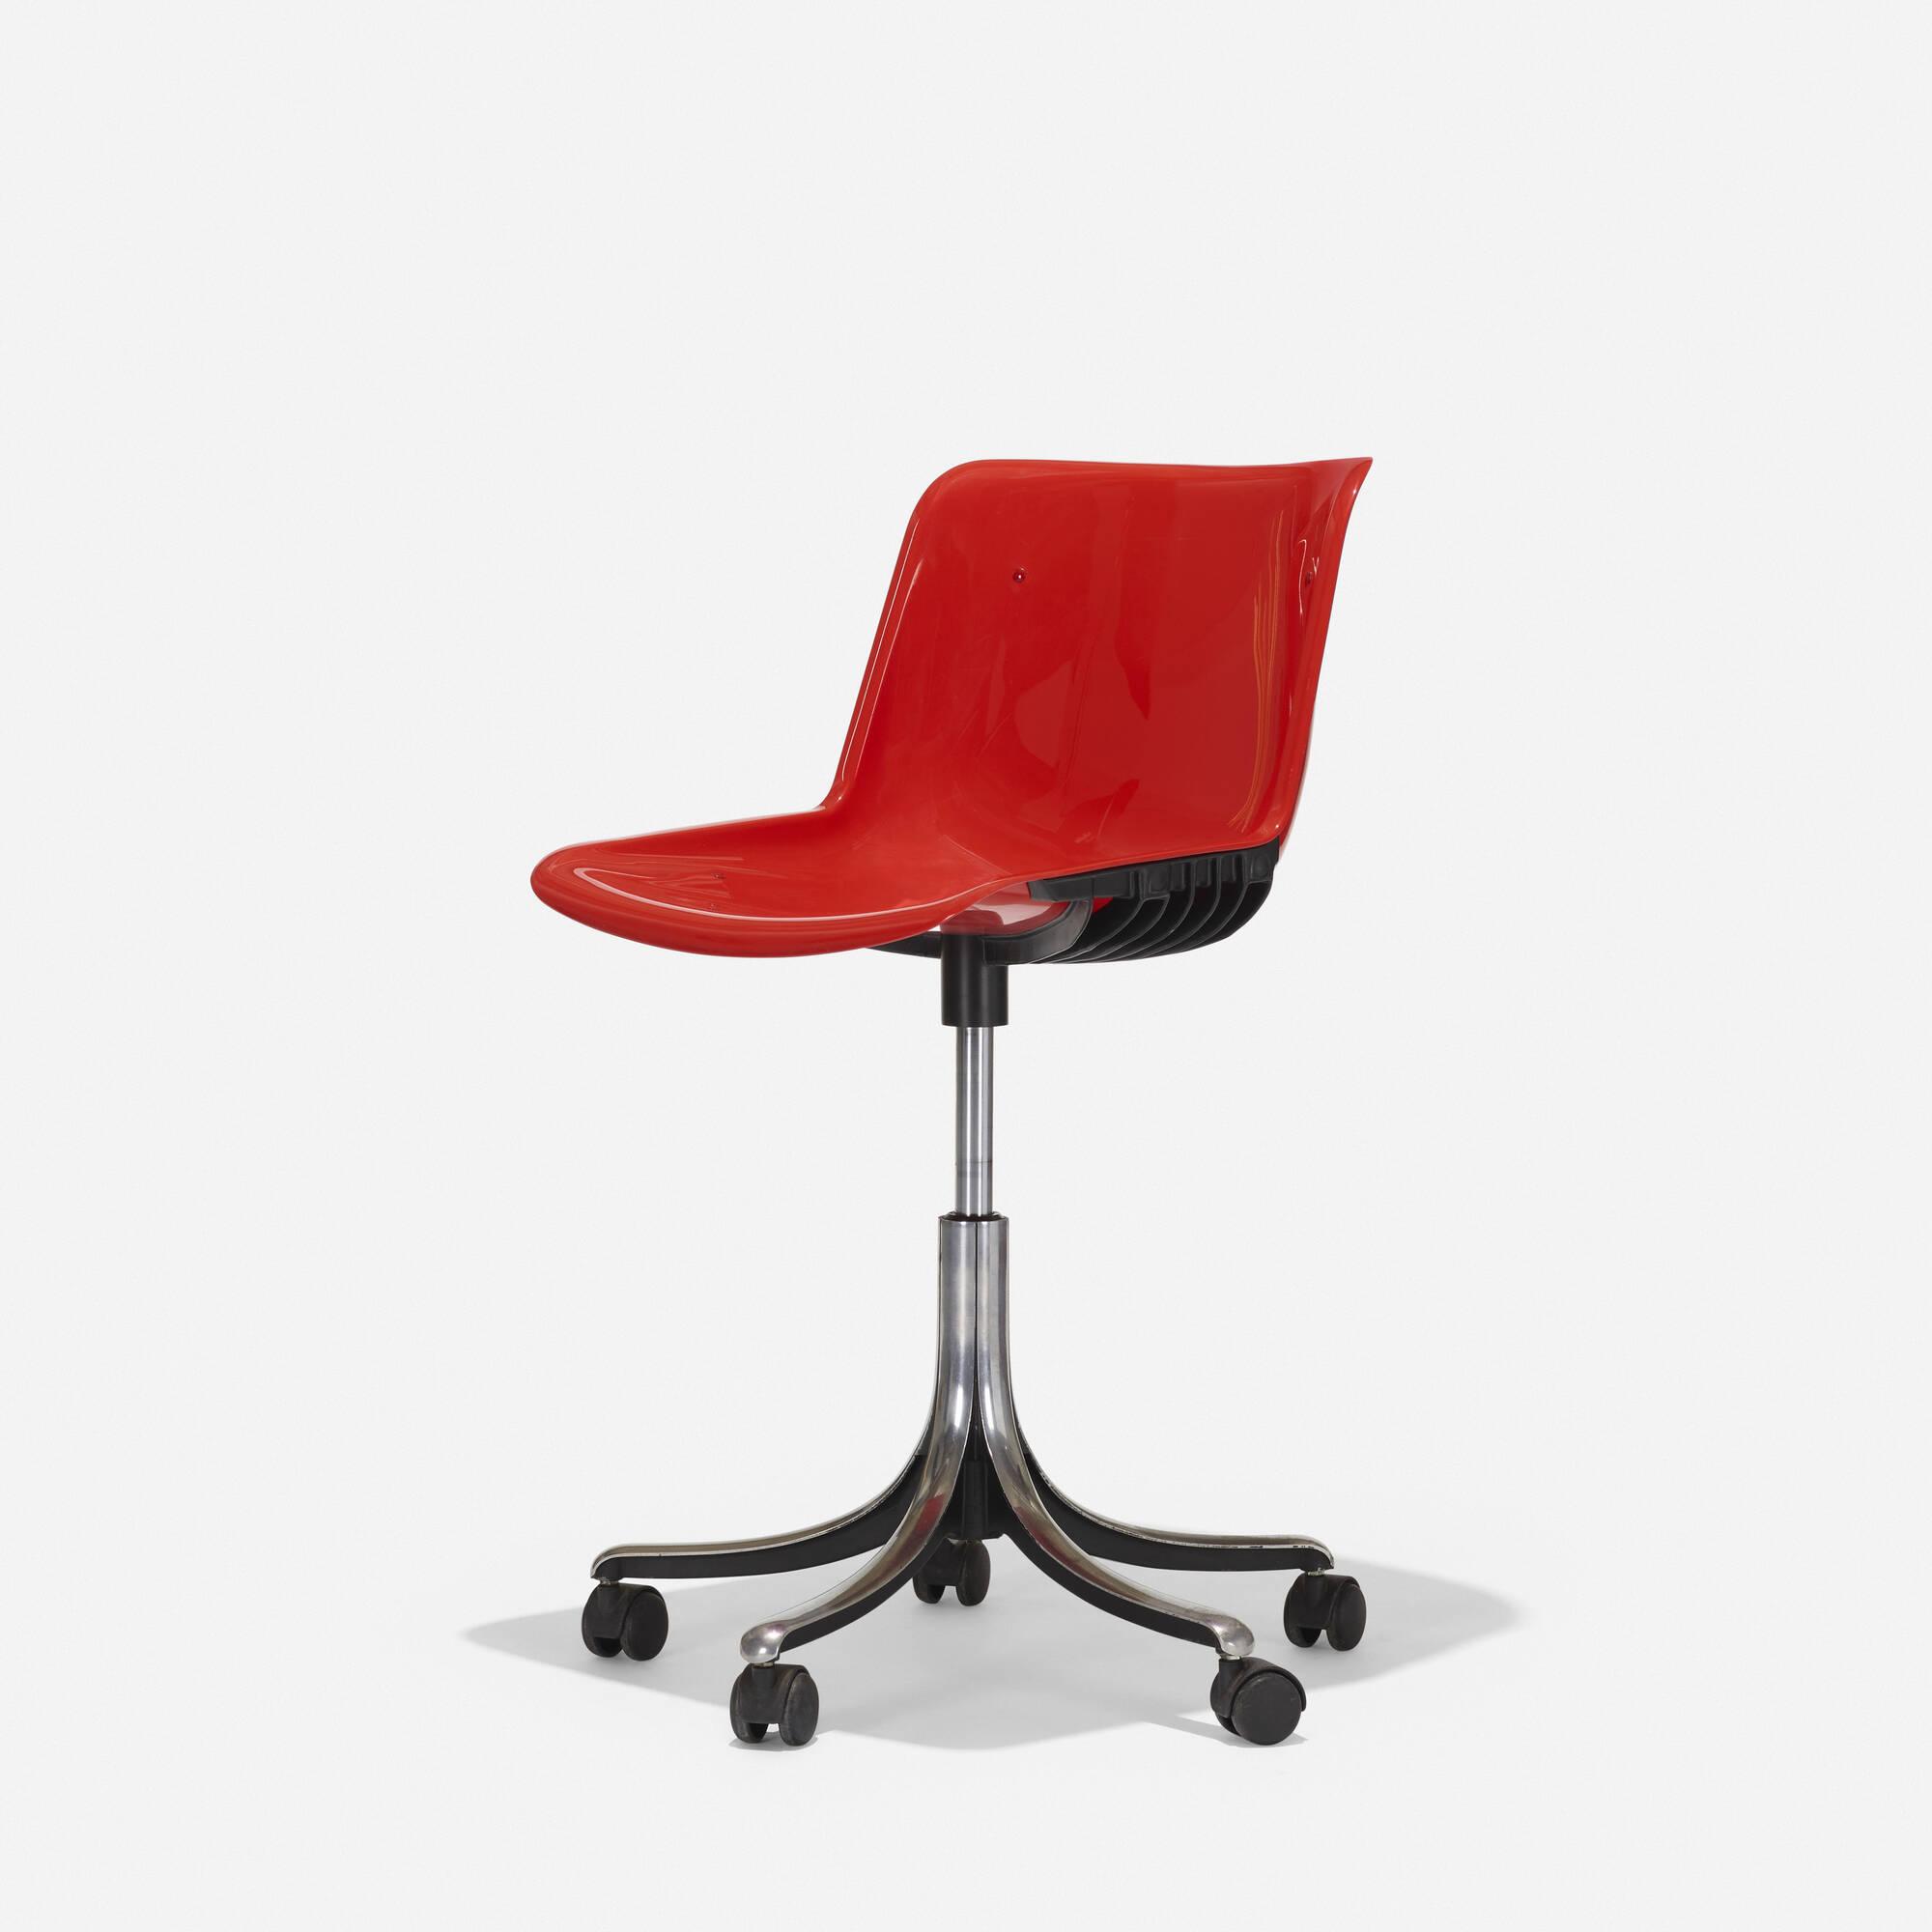 398: Osvaldo Borsani / chair, model SM 203 (1 of 3)